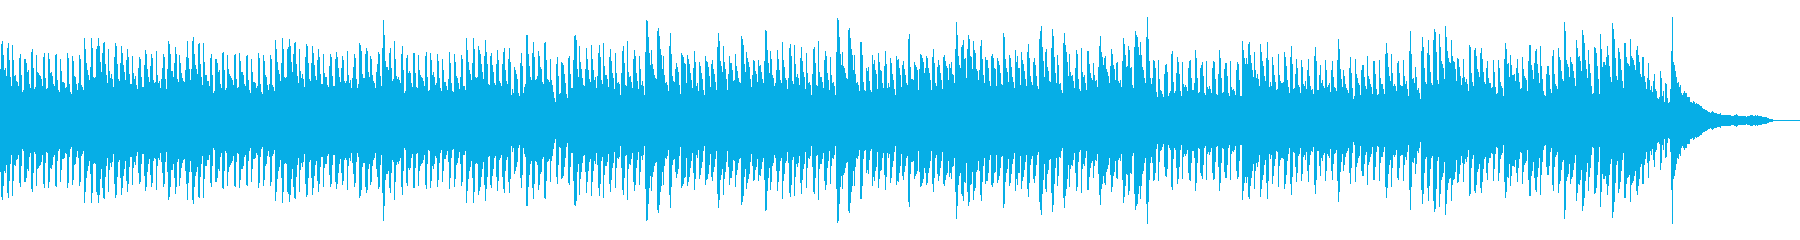 静かな印象的なピアノの旋律の再生済みの波形